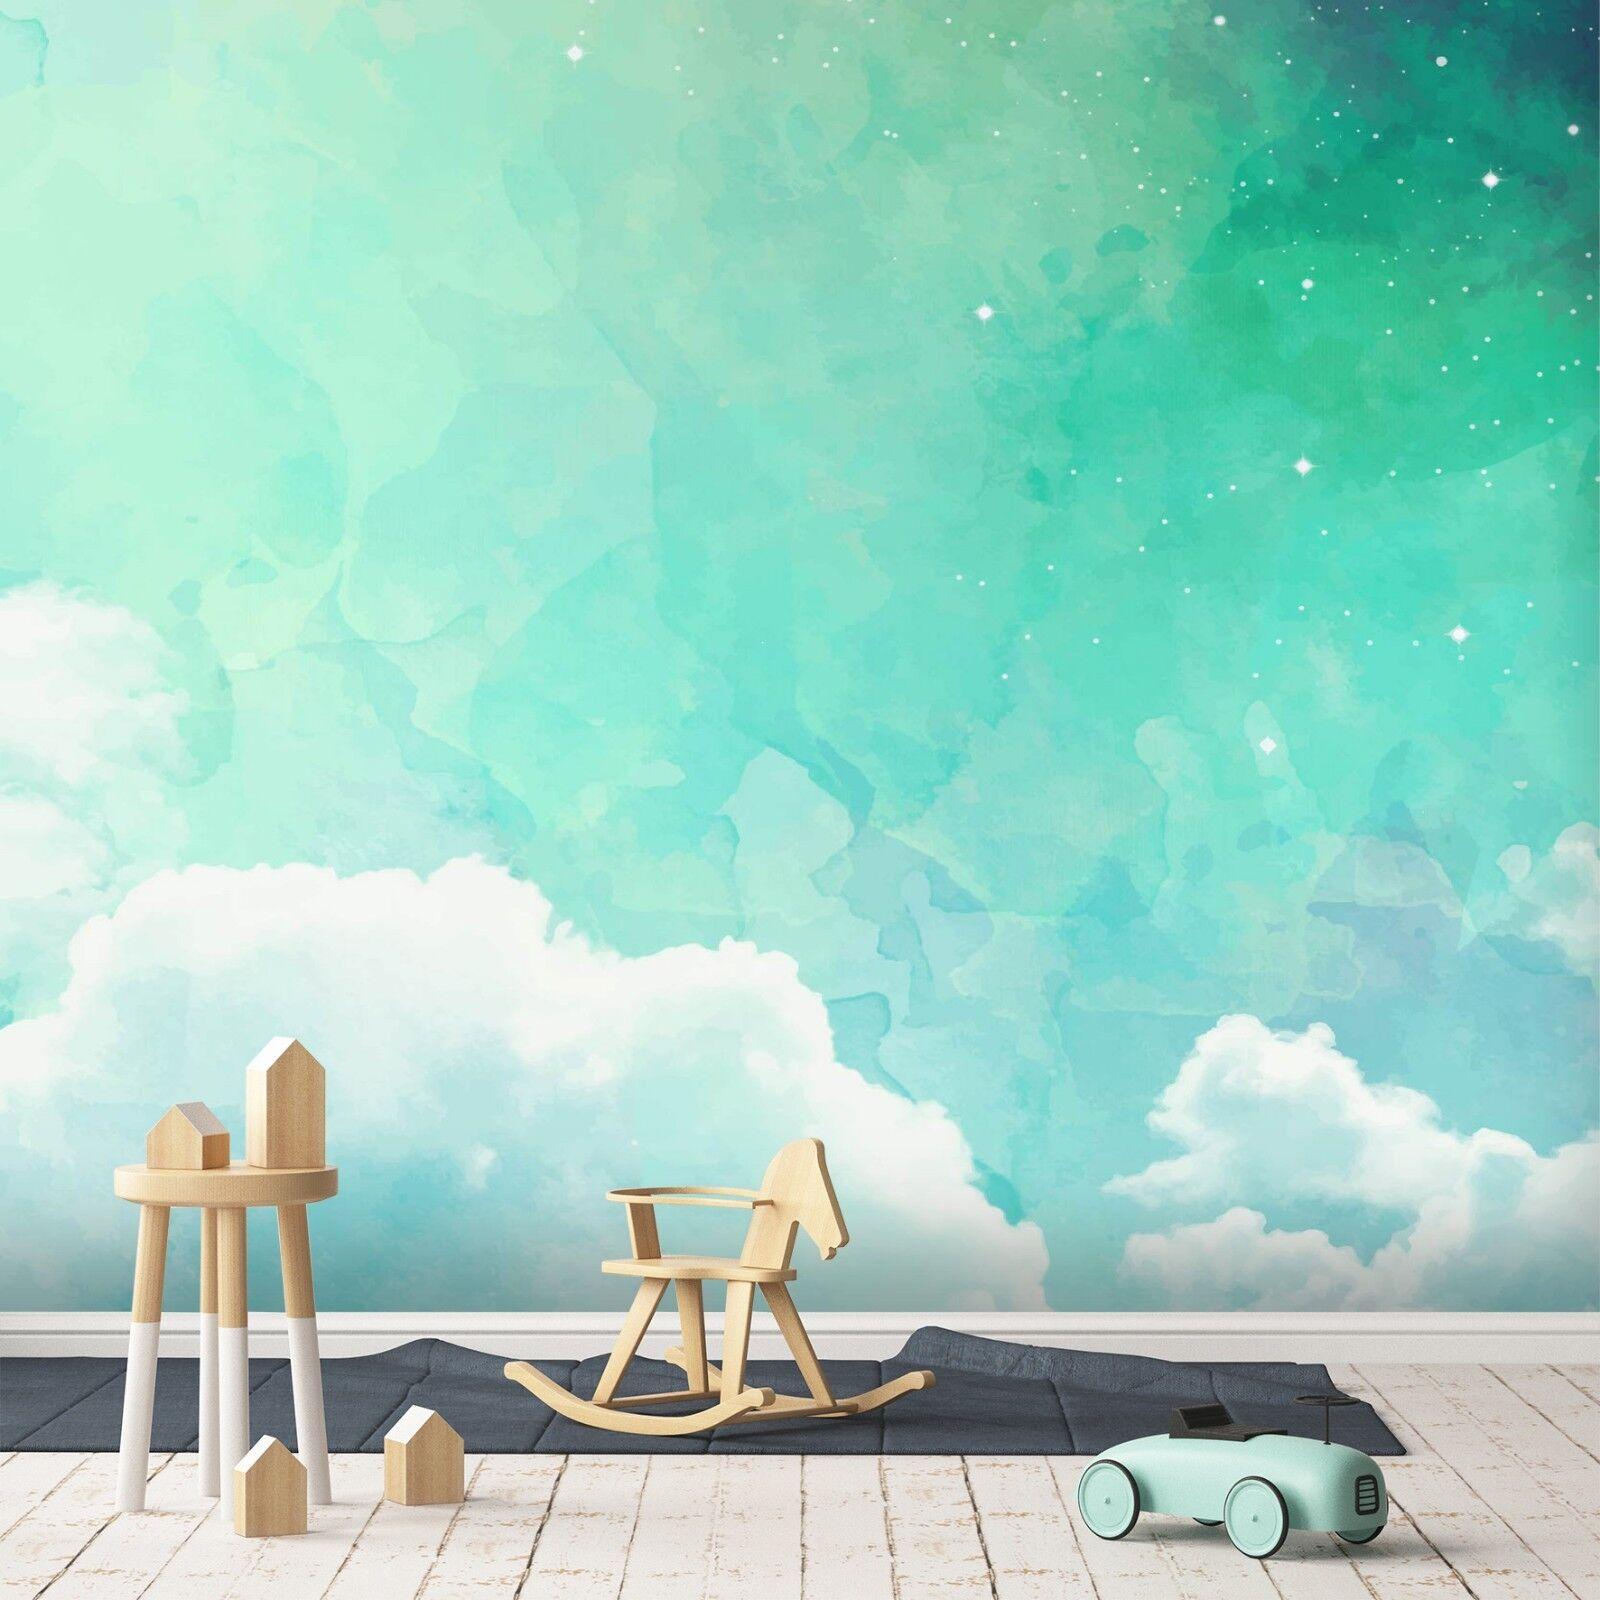 3D Grün Starry Sky 544 Wallpaper Murals Wall Print Wallpaper Mural AJ WALL UK